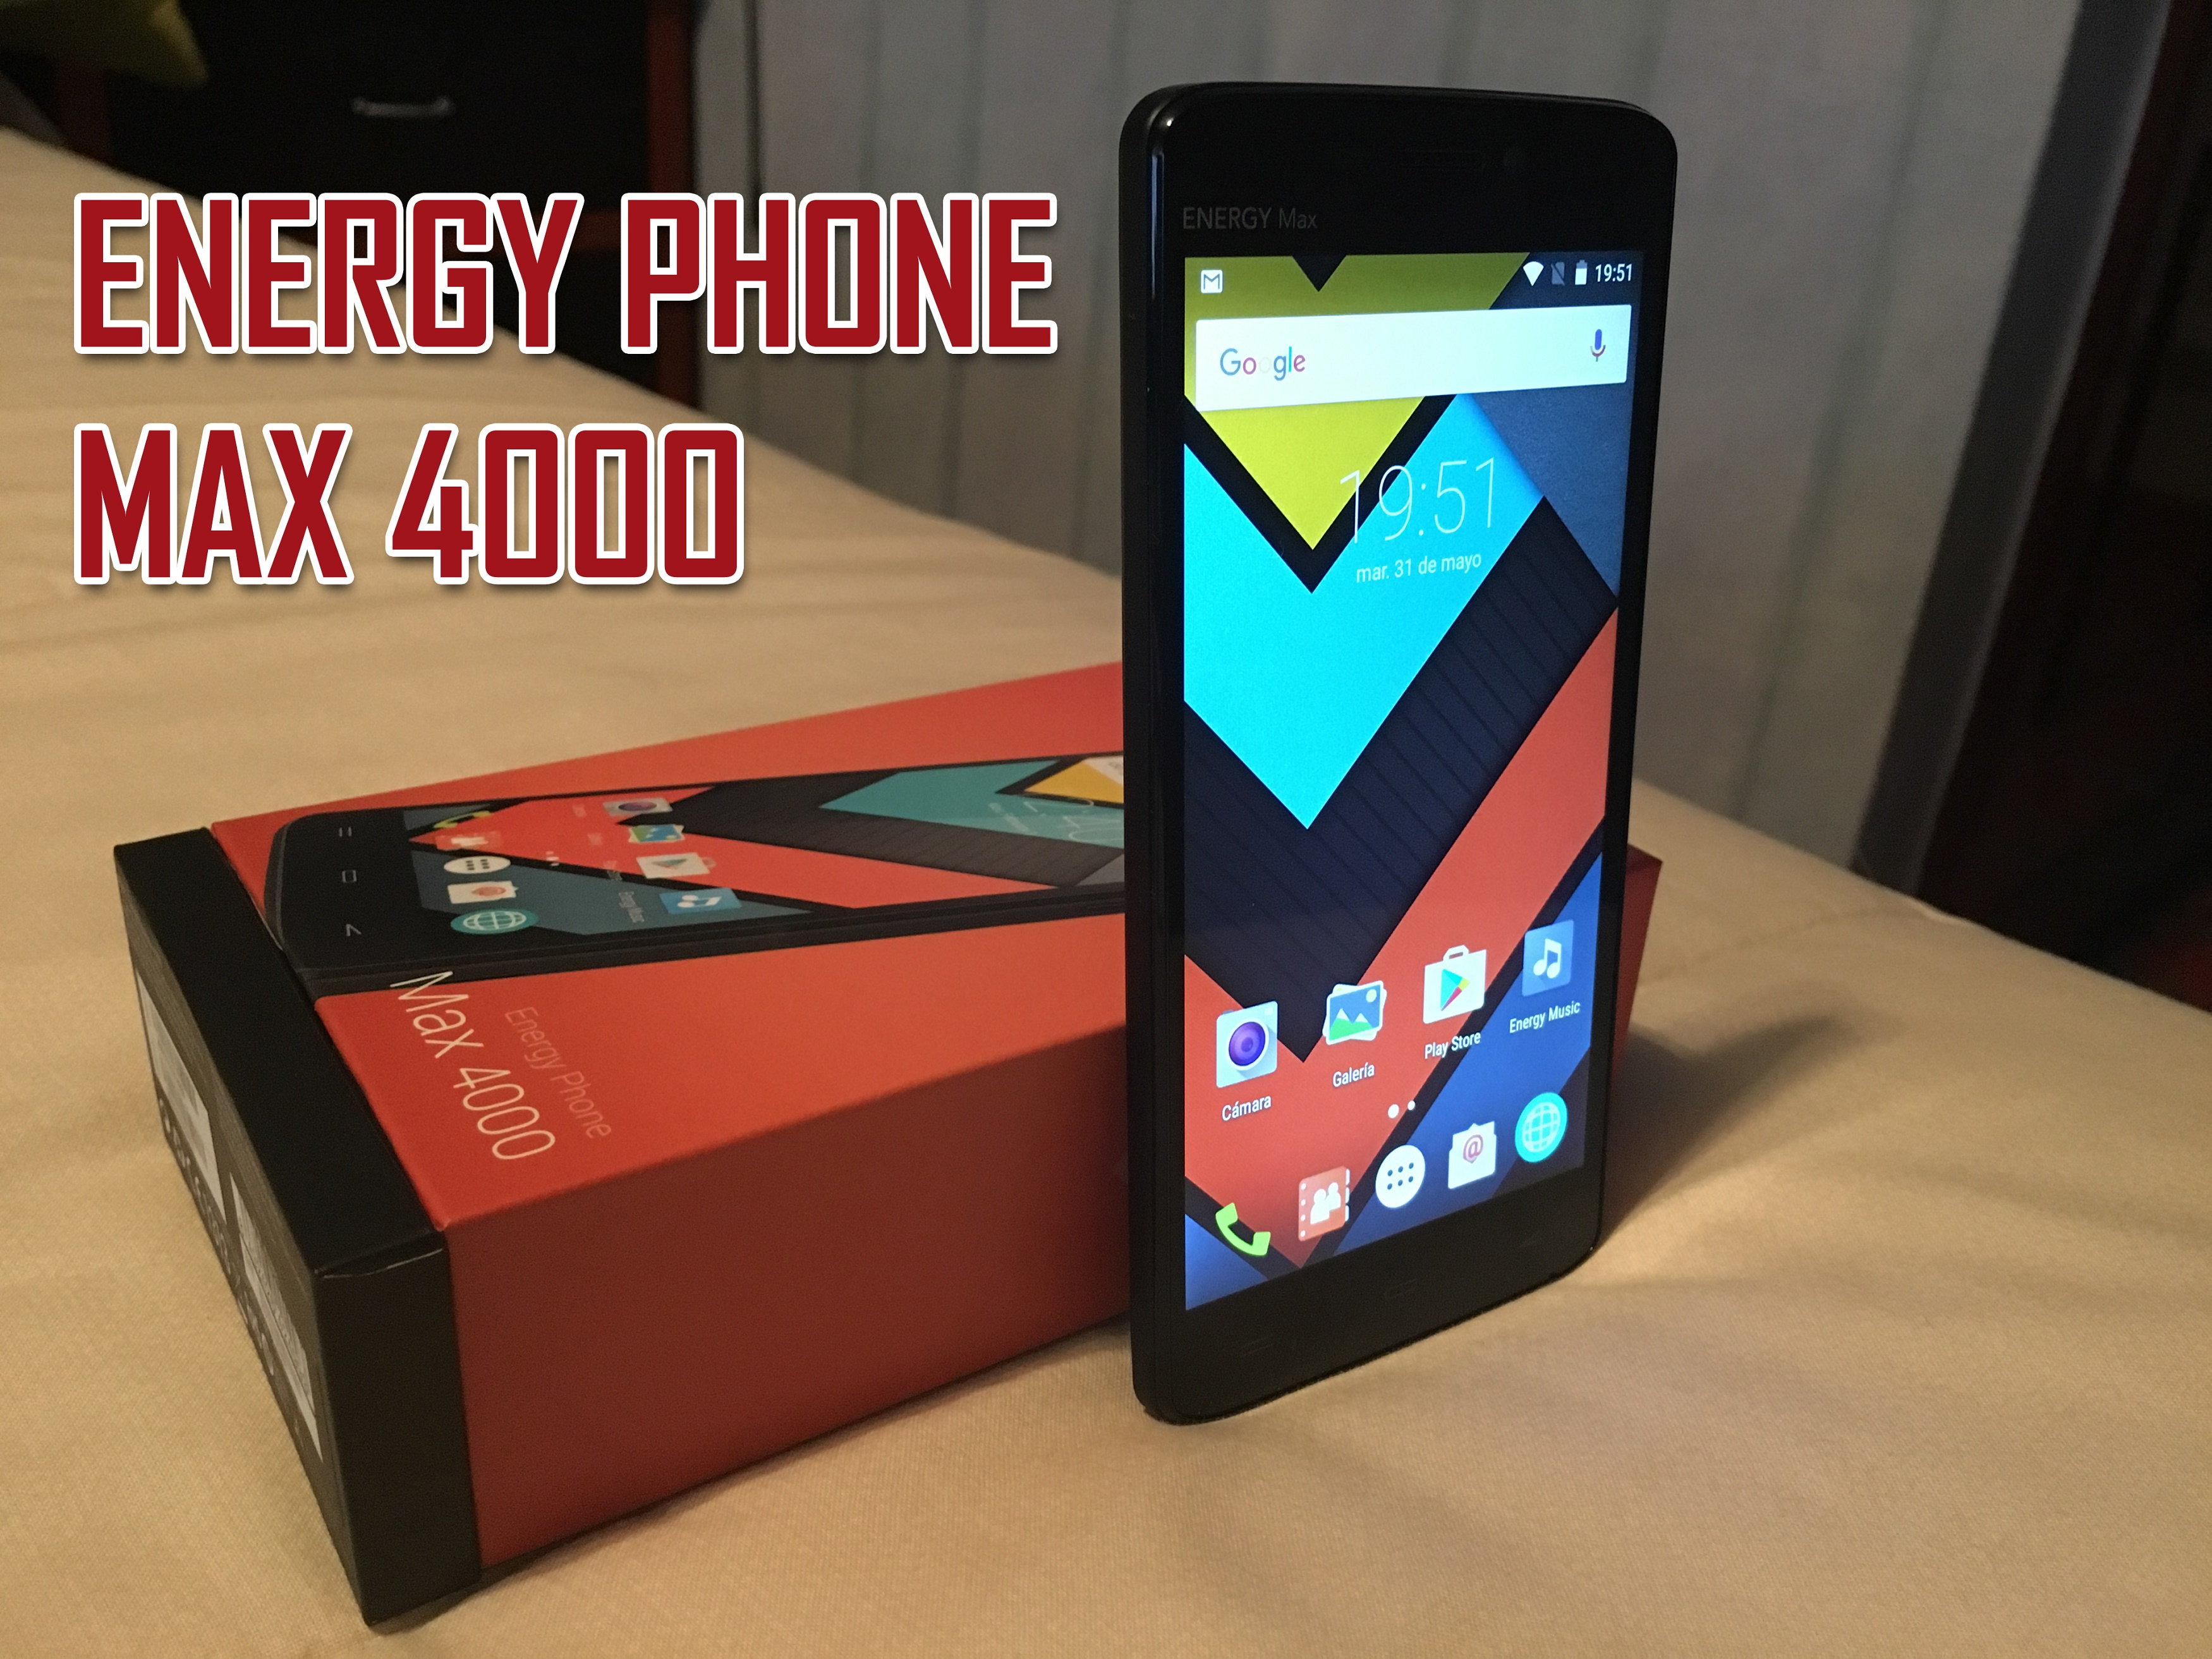 ¿Buscas mucha batería, barato y de aquí? Tu teléfono es Energy Phone Max 4000